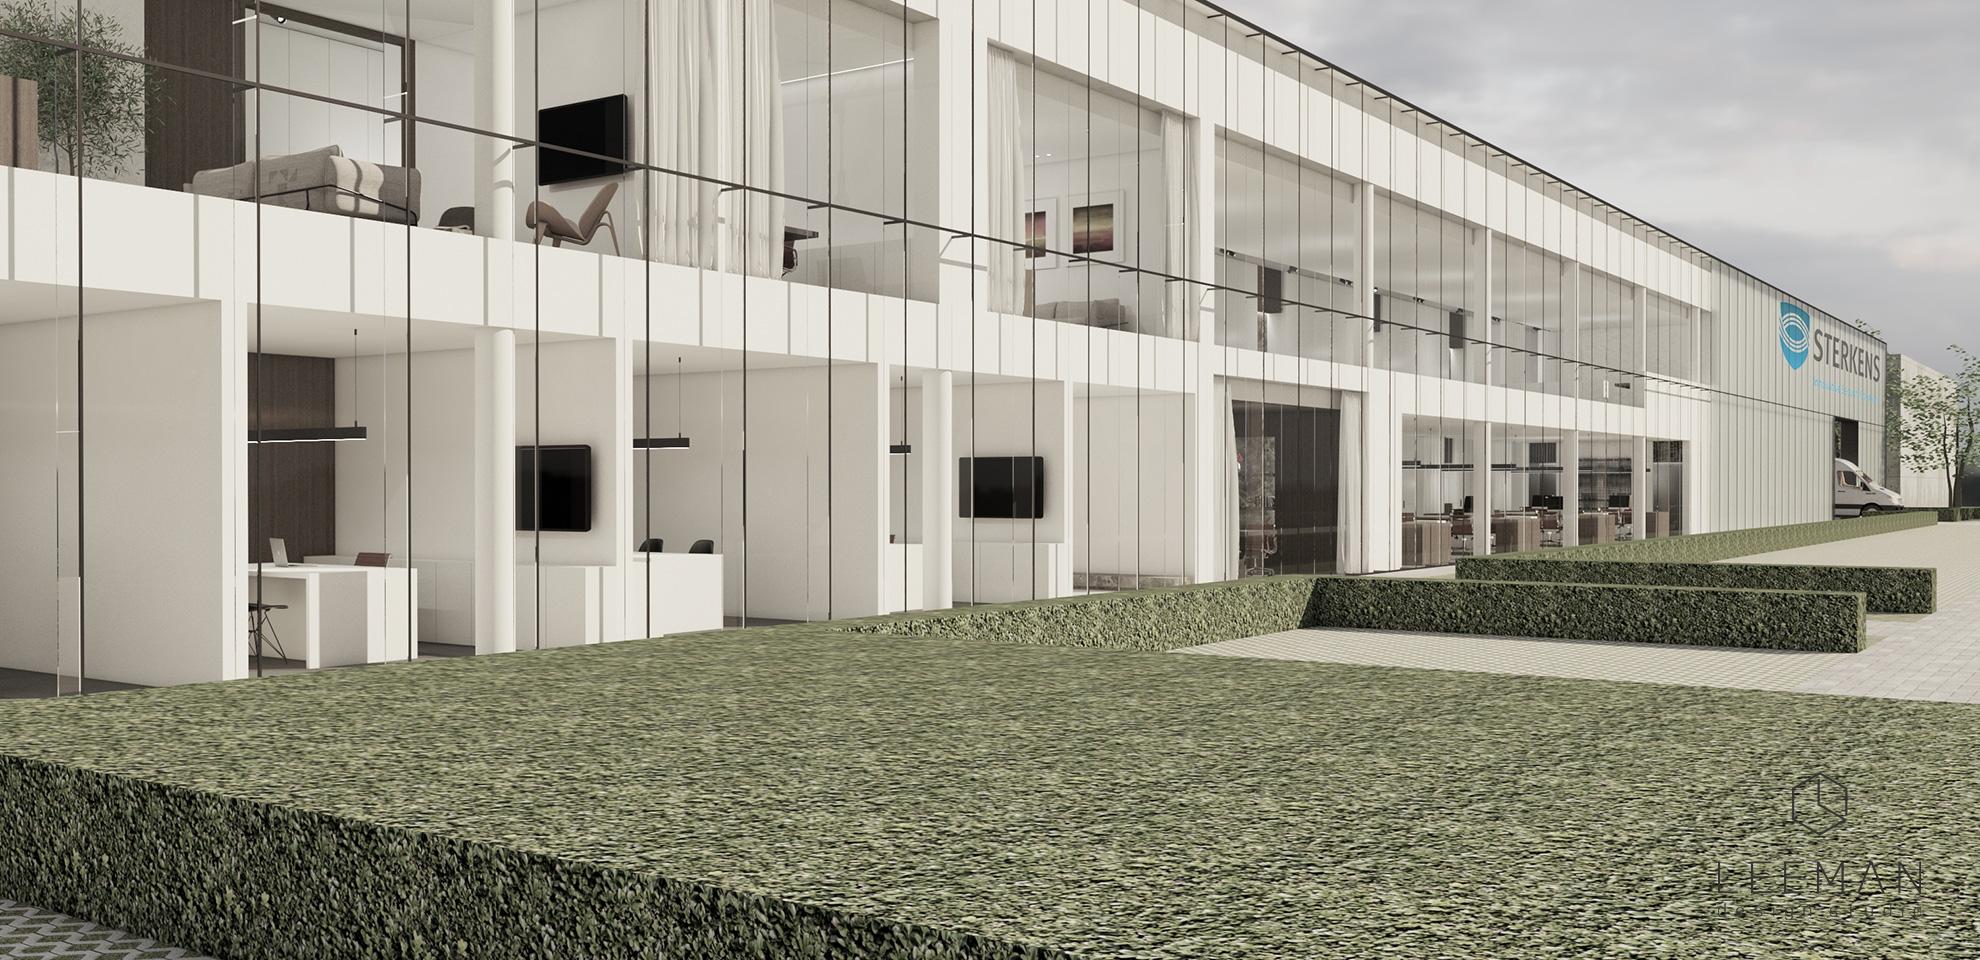 sterkens kantoor ontwerp exterieur van het gebouw. architectuur en tuin ontwerp